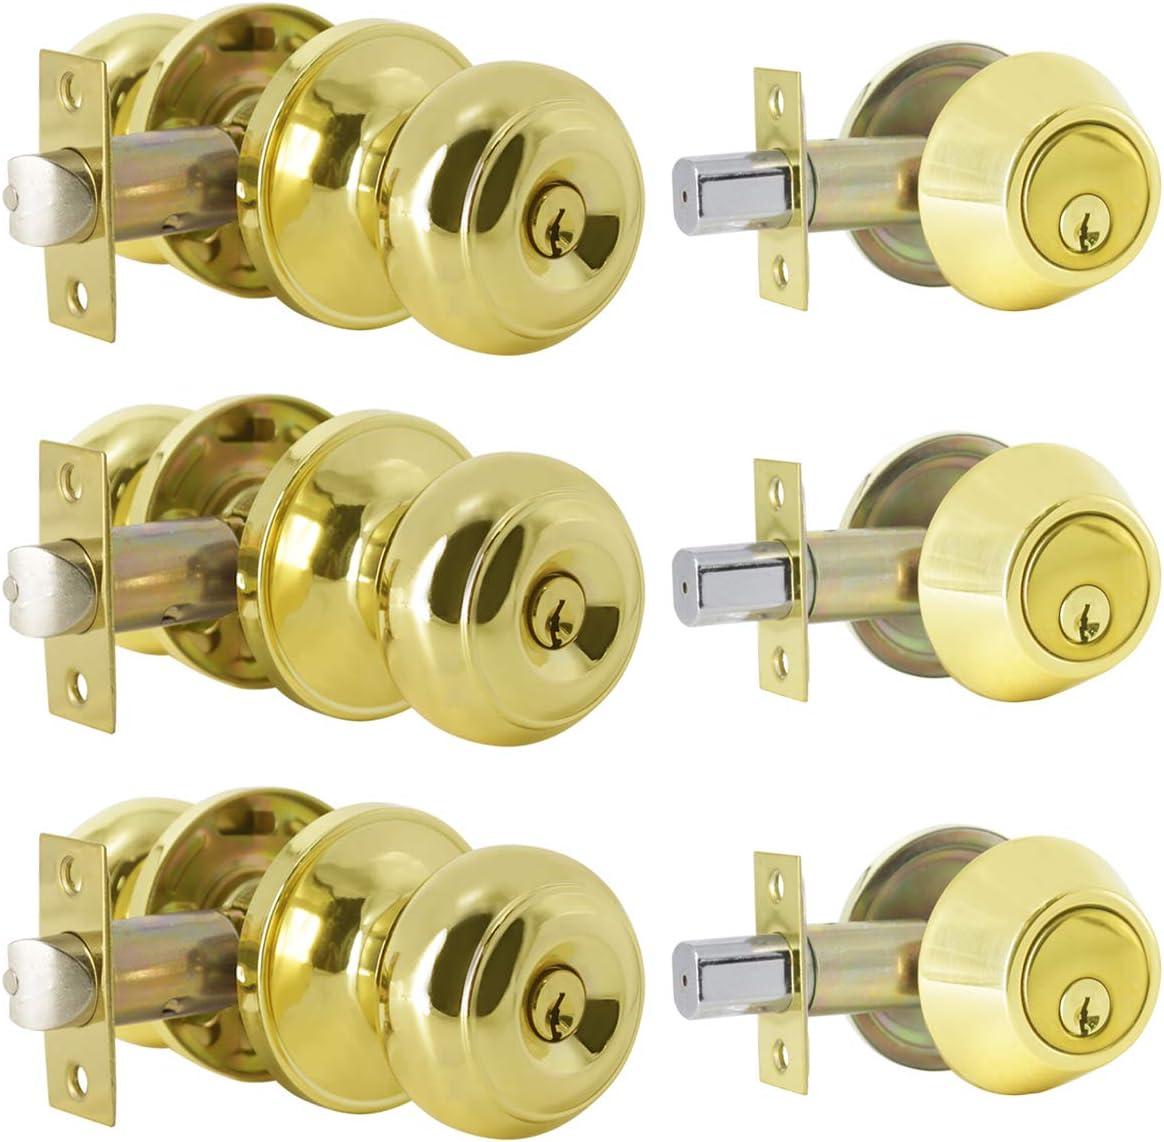 3 Pack Keyed Alike Entry Door Knob and Single Cylinder Deadbolt Lock Combo Set, Front Door Entry Knobs Lockset and Deadbolt Combination Set, Keyed Entry Knobset with Same Keys, Polished Brass